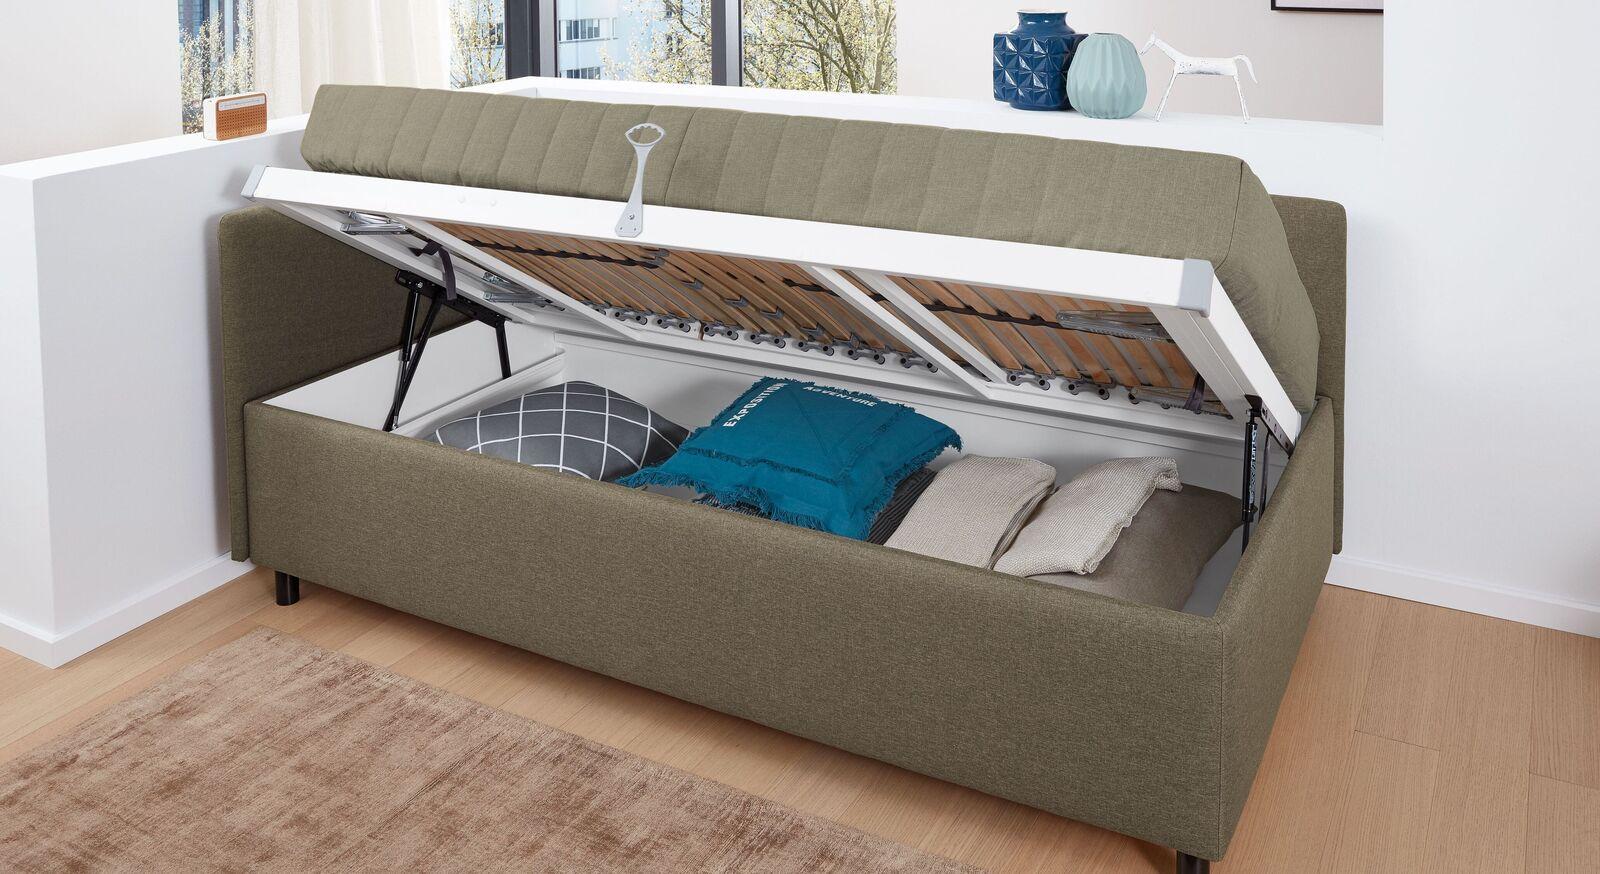 MUSTERRING Bettkasten Elpaso mit integriertem Stauraum